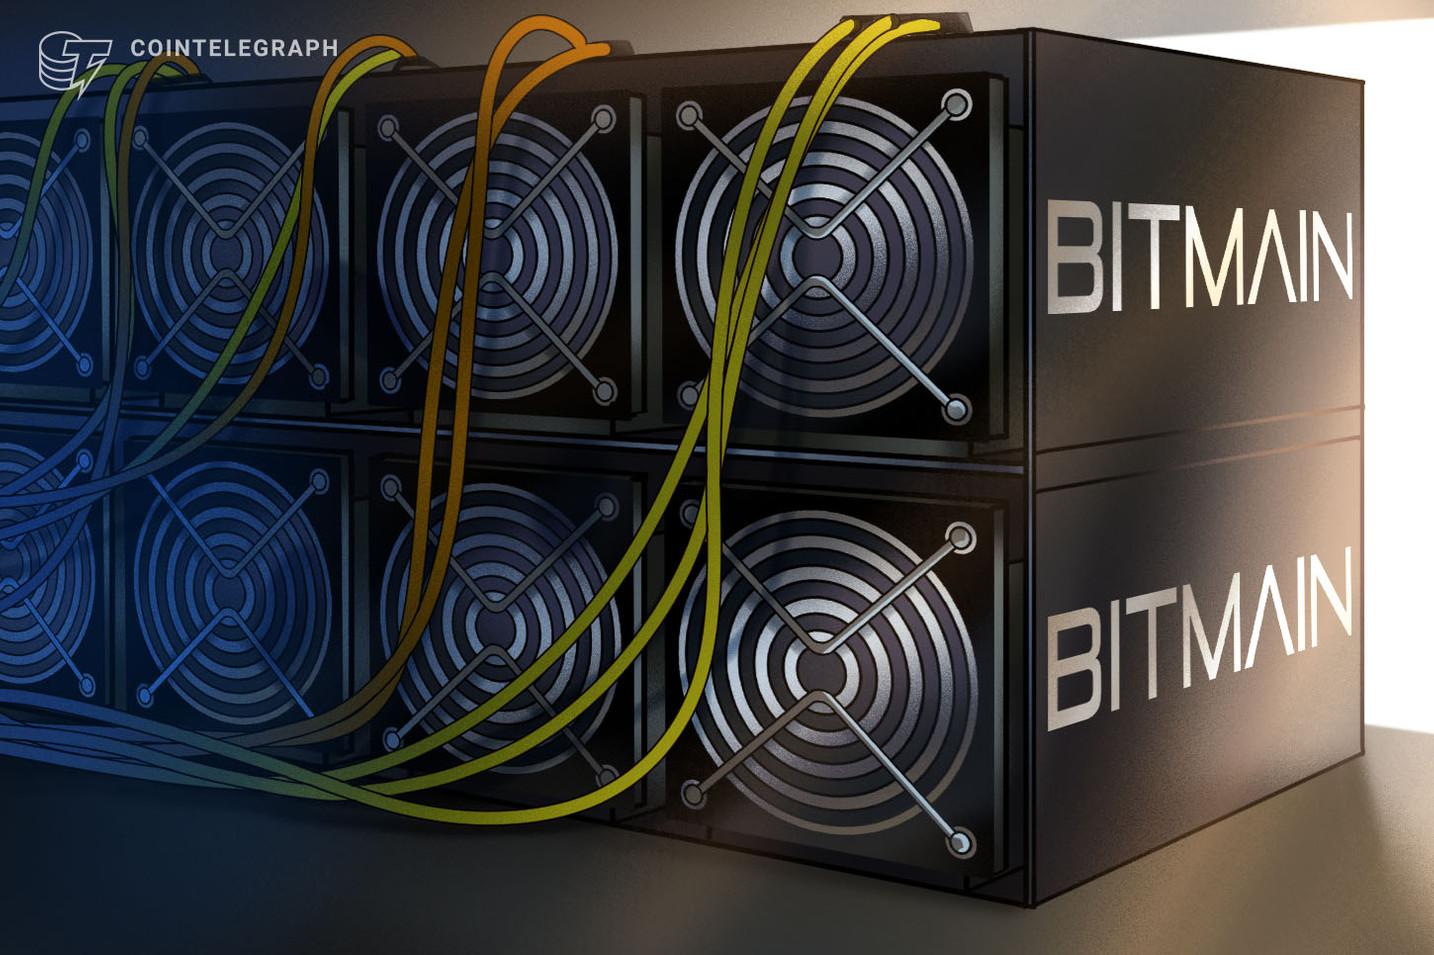 Mesmo com queda na sua participação de mercado, Bitmain anuncia expansão na América do Sul